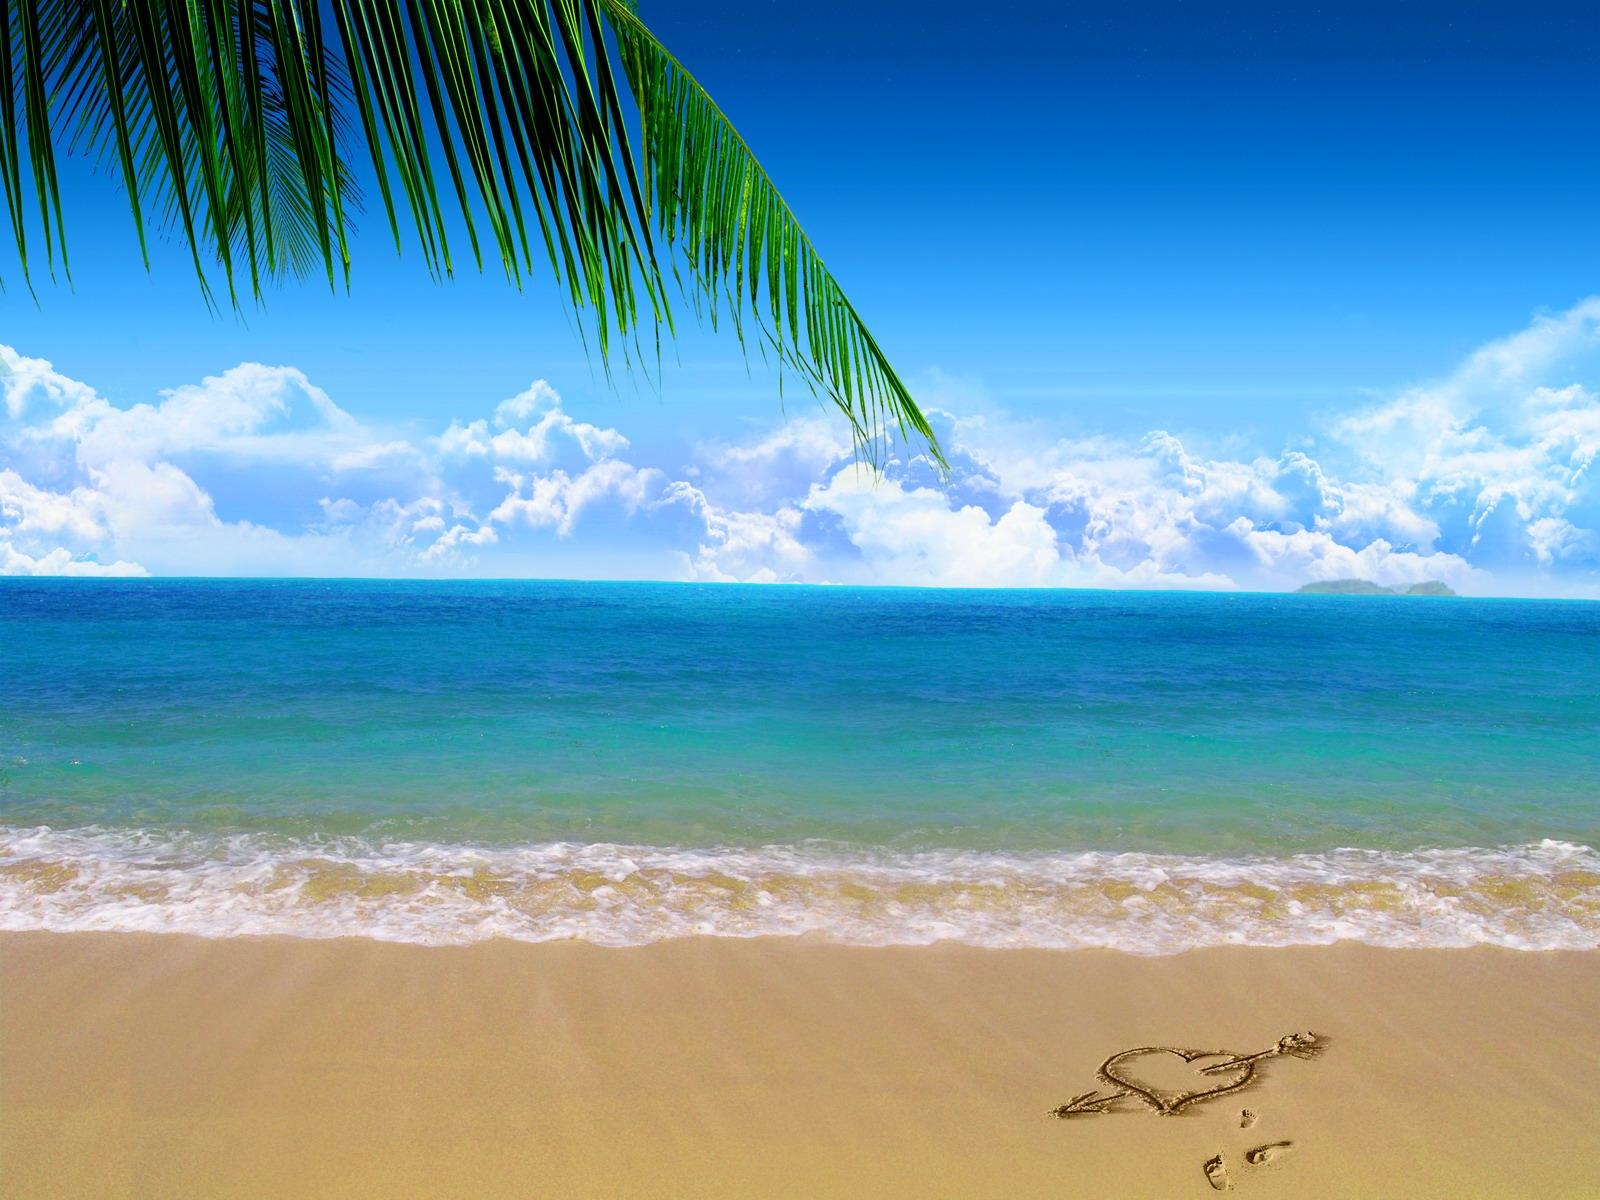 Beach desktop wallpaper 0011   desktop wallpaper downloads 1600x1200